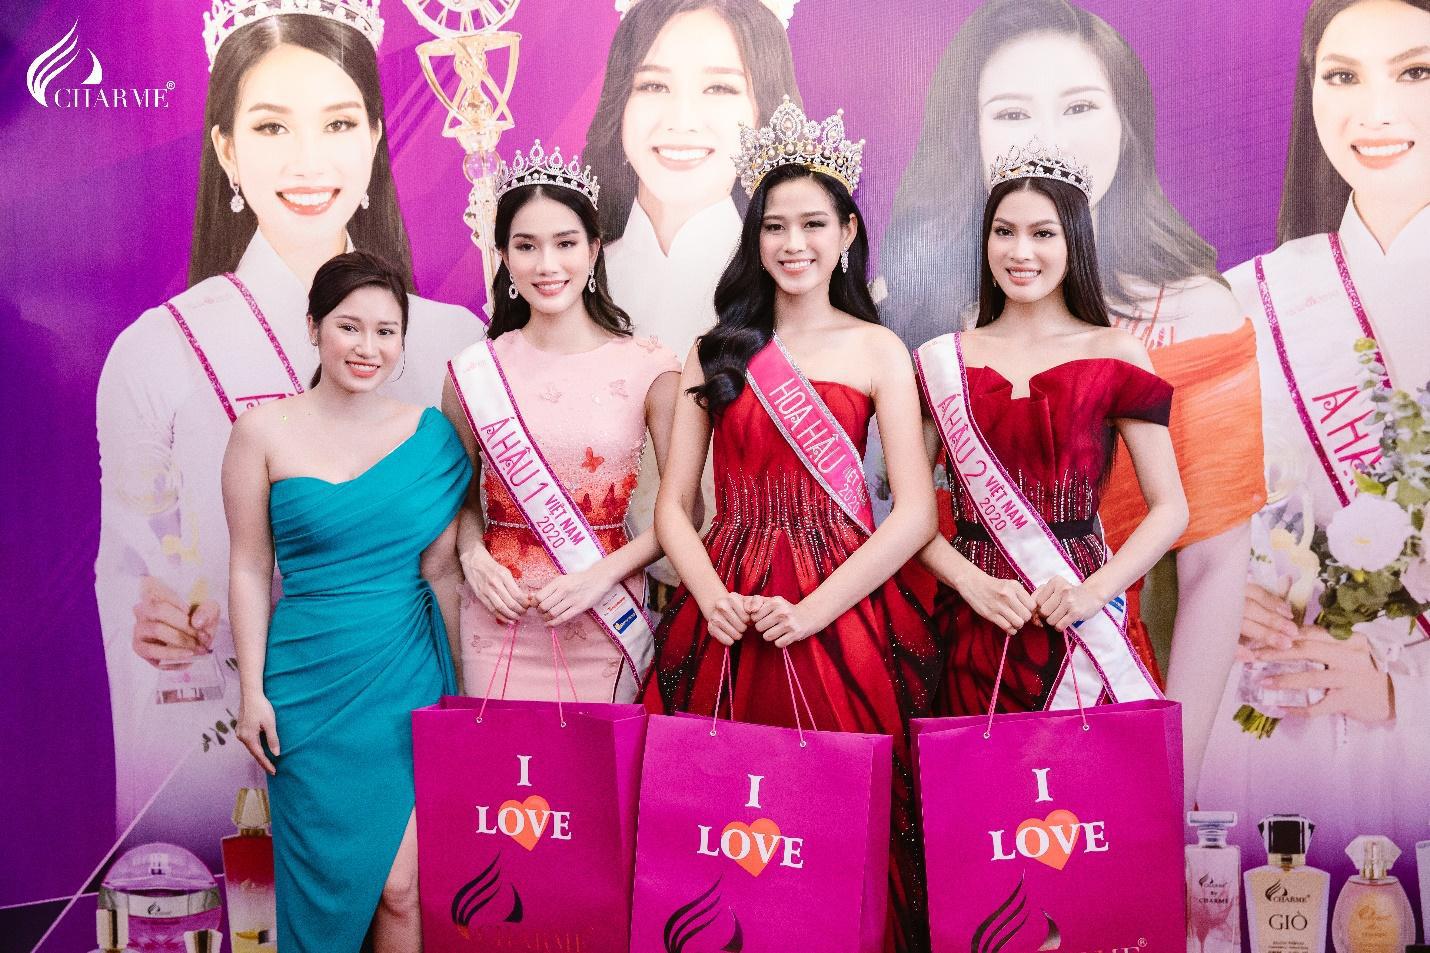 Top Hoa hậu Việt Nam 2020 đến chúc mừng nước hoa Charme khai trương trụ sở công ty tại TP.HCM - Ảnh 4.